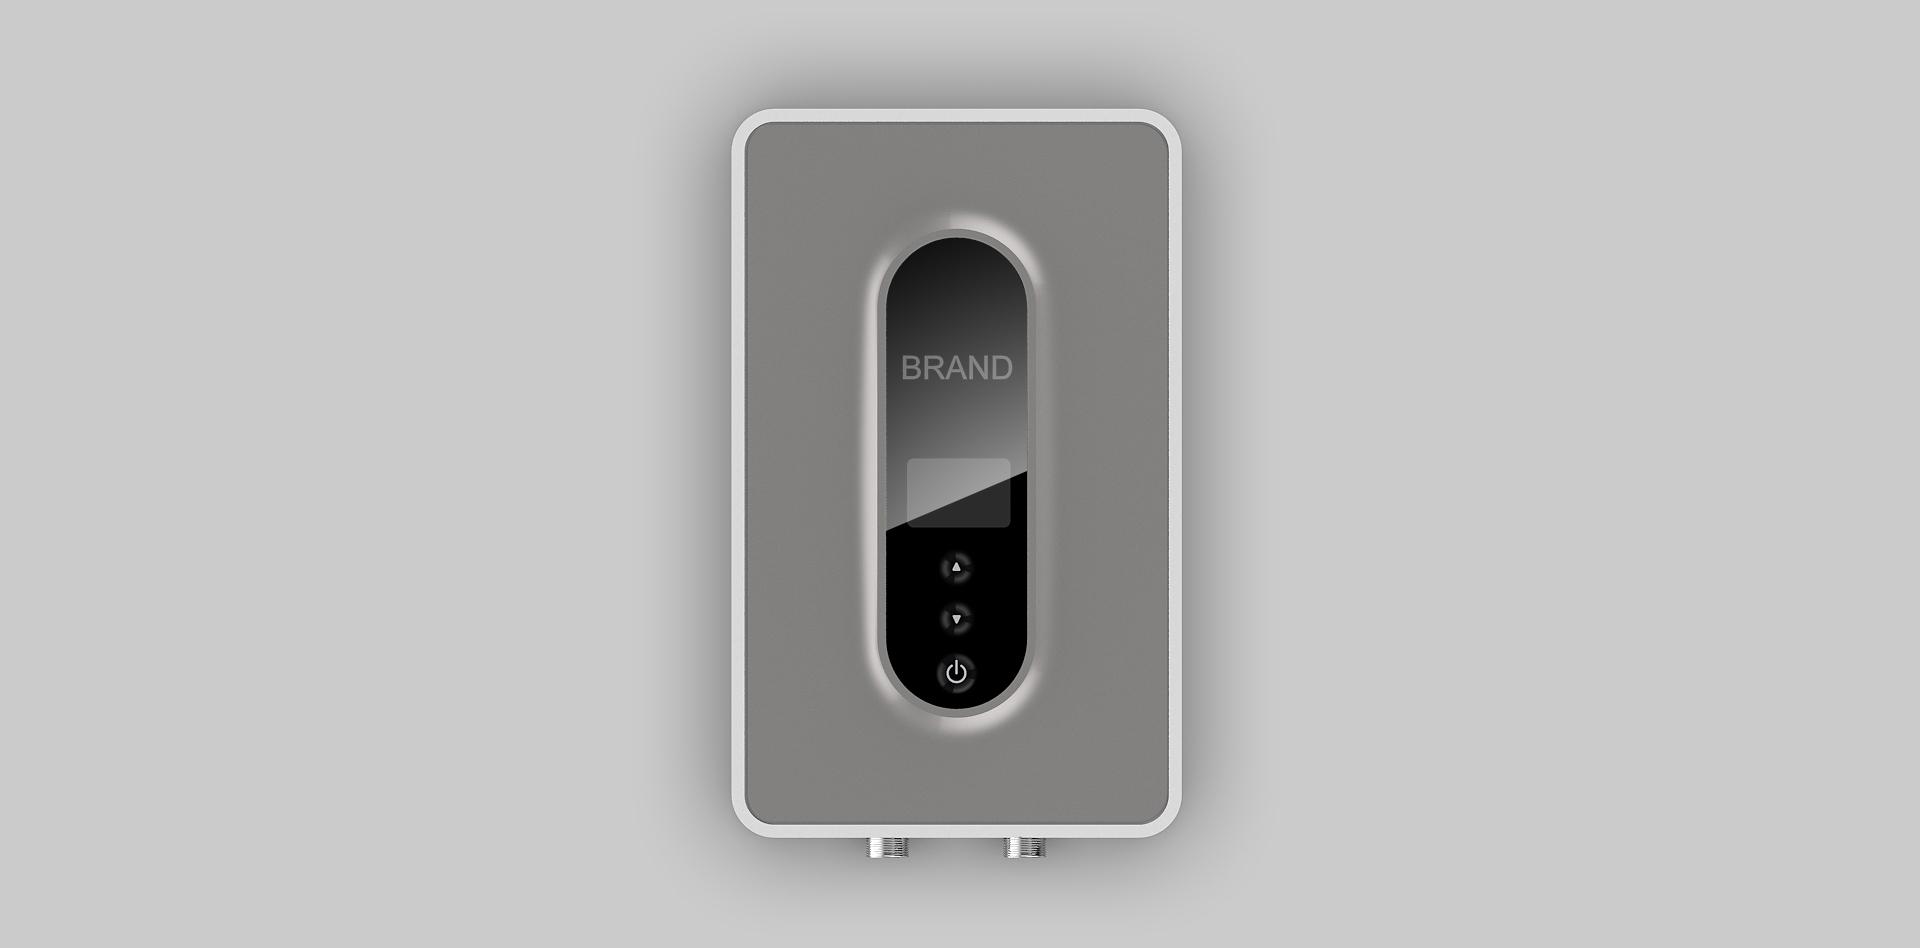 产品外观设计|产品外观设计公司|深圳产品设计|深圳产品设计公司|深圳产品外观设计|莫奈工业设计有限公司